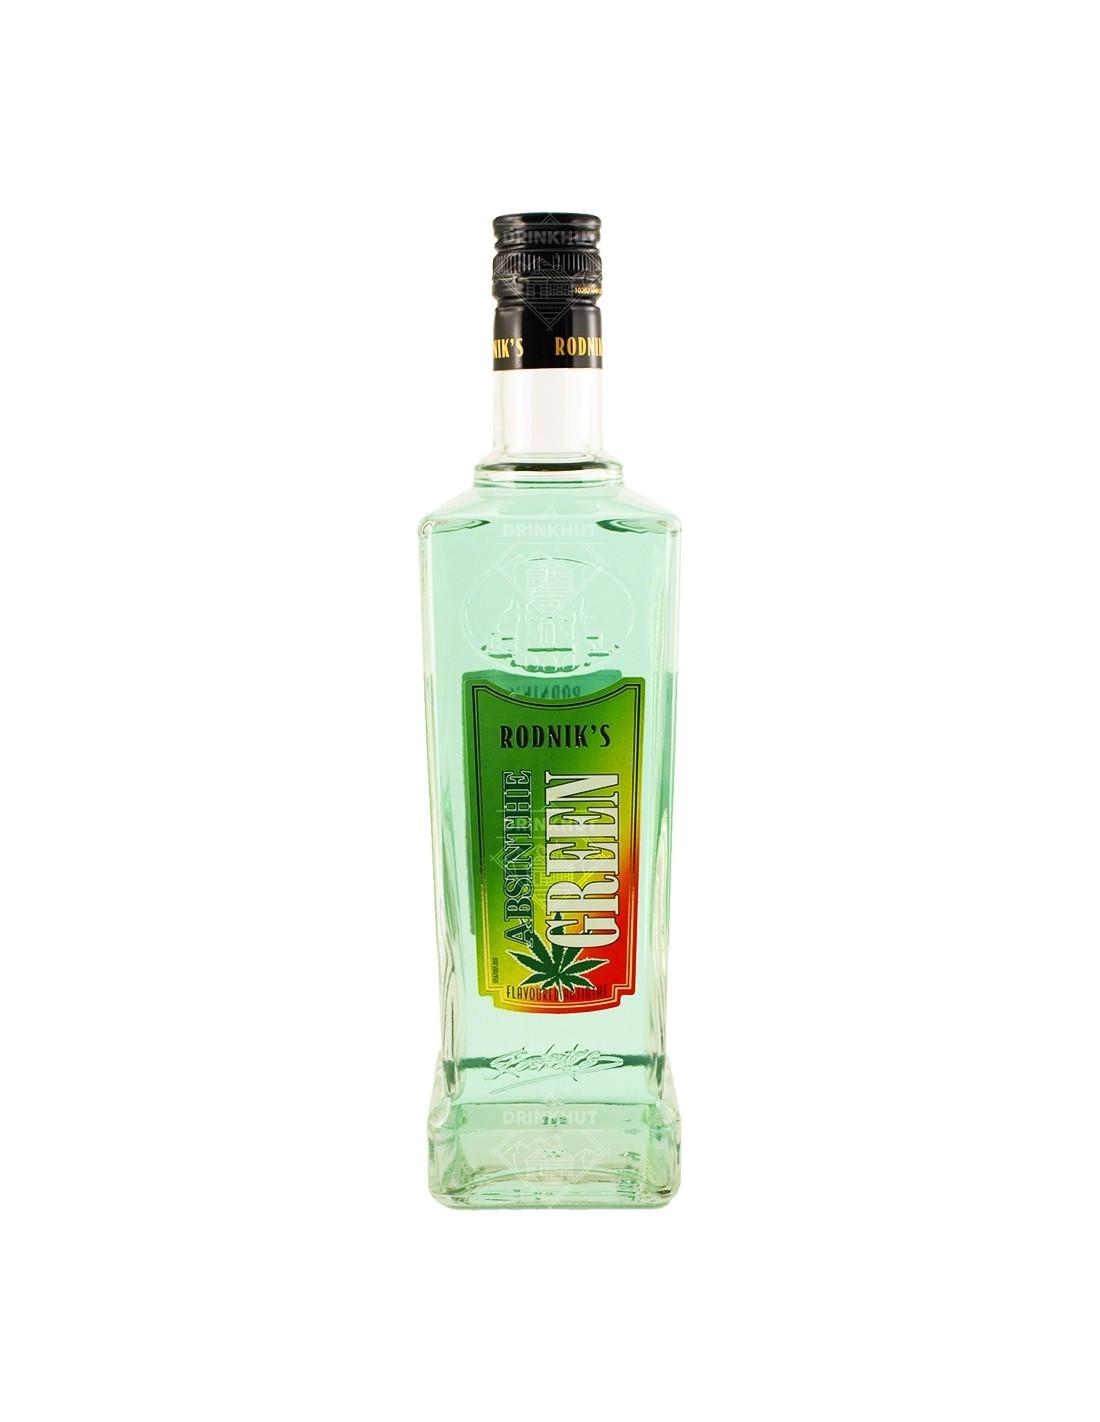 Absint Rodnik's Green, 70% alc., 0.7L, Spania